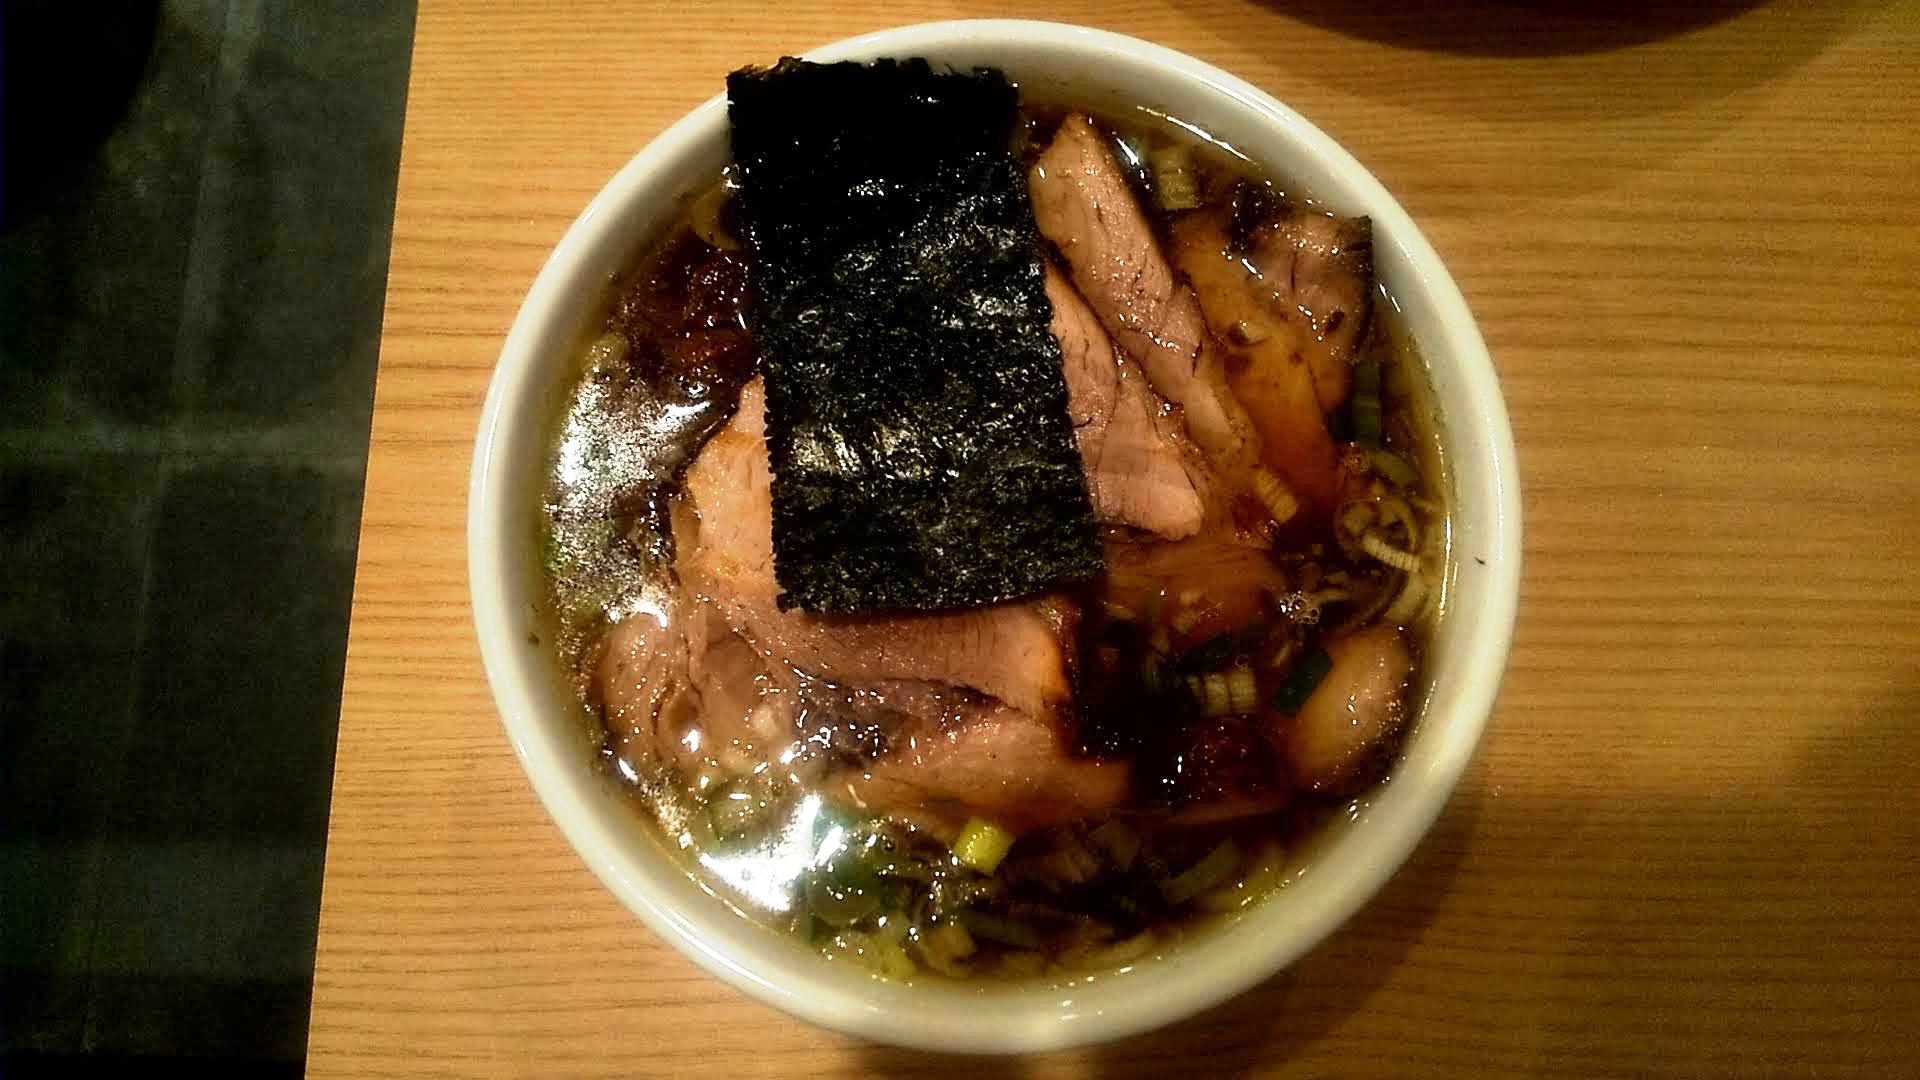 麺屋麦ゑ紋のつけ麺のつけ汁の写真